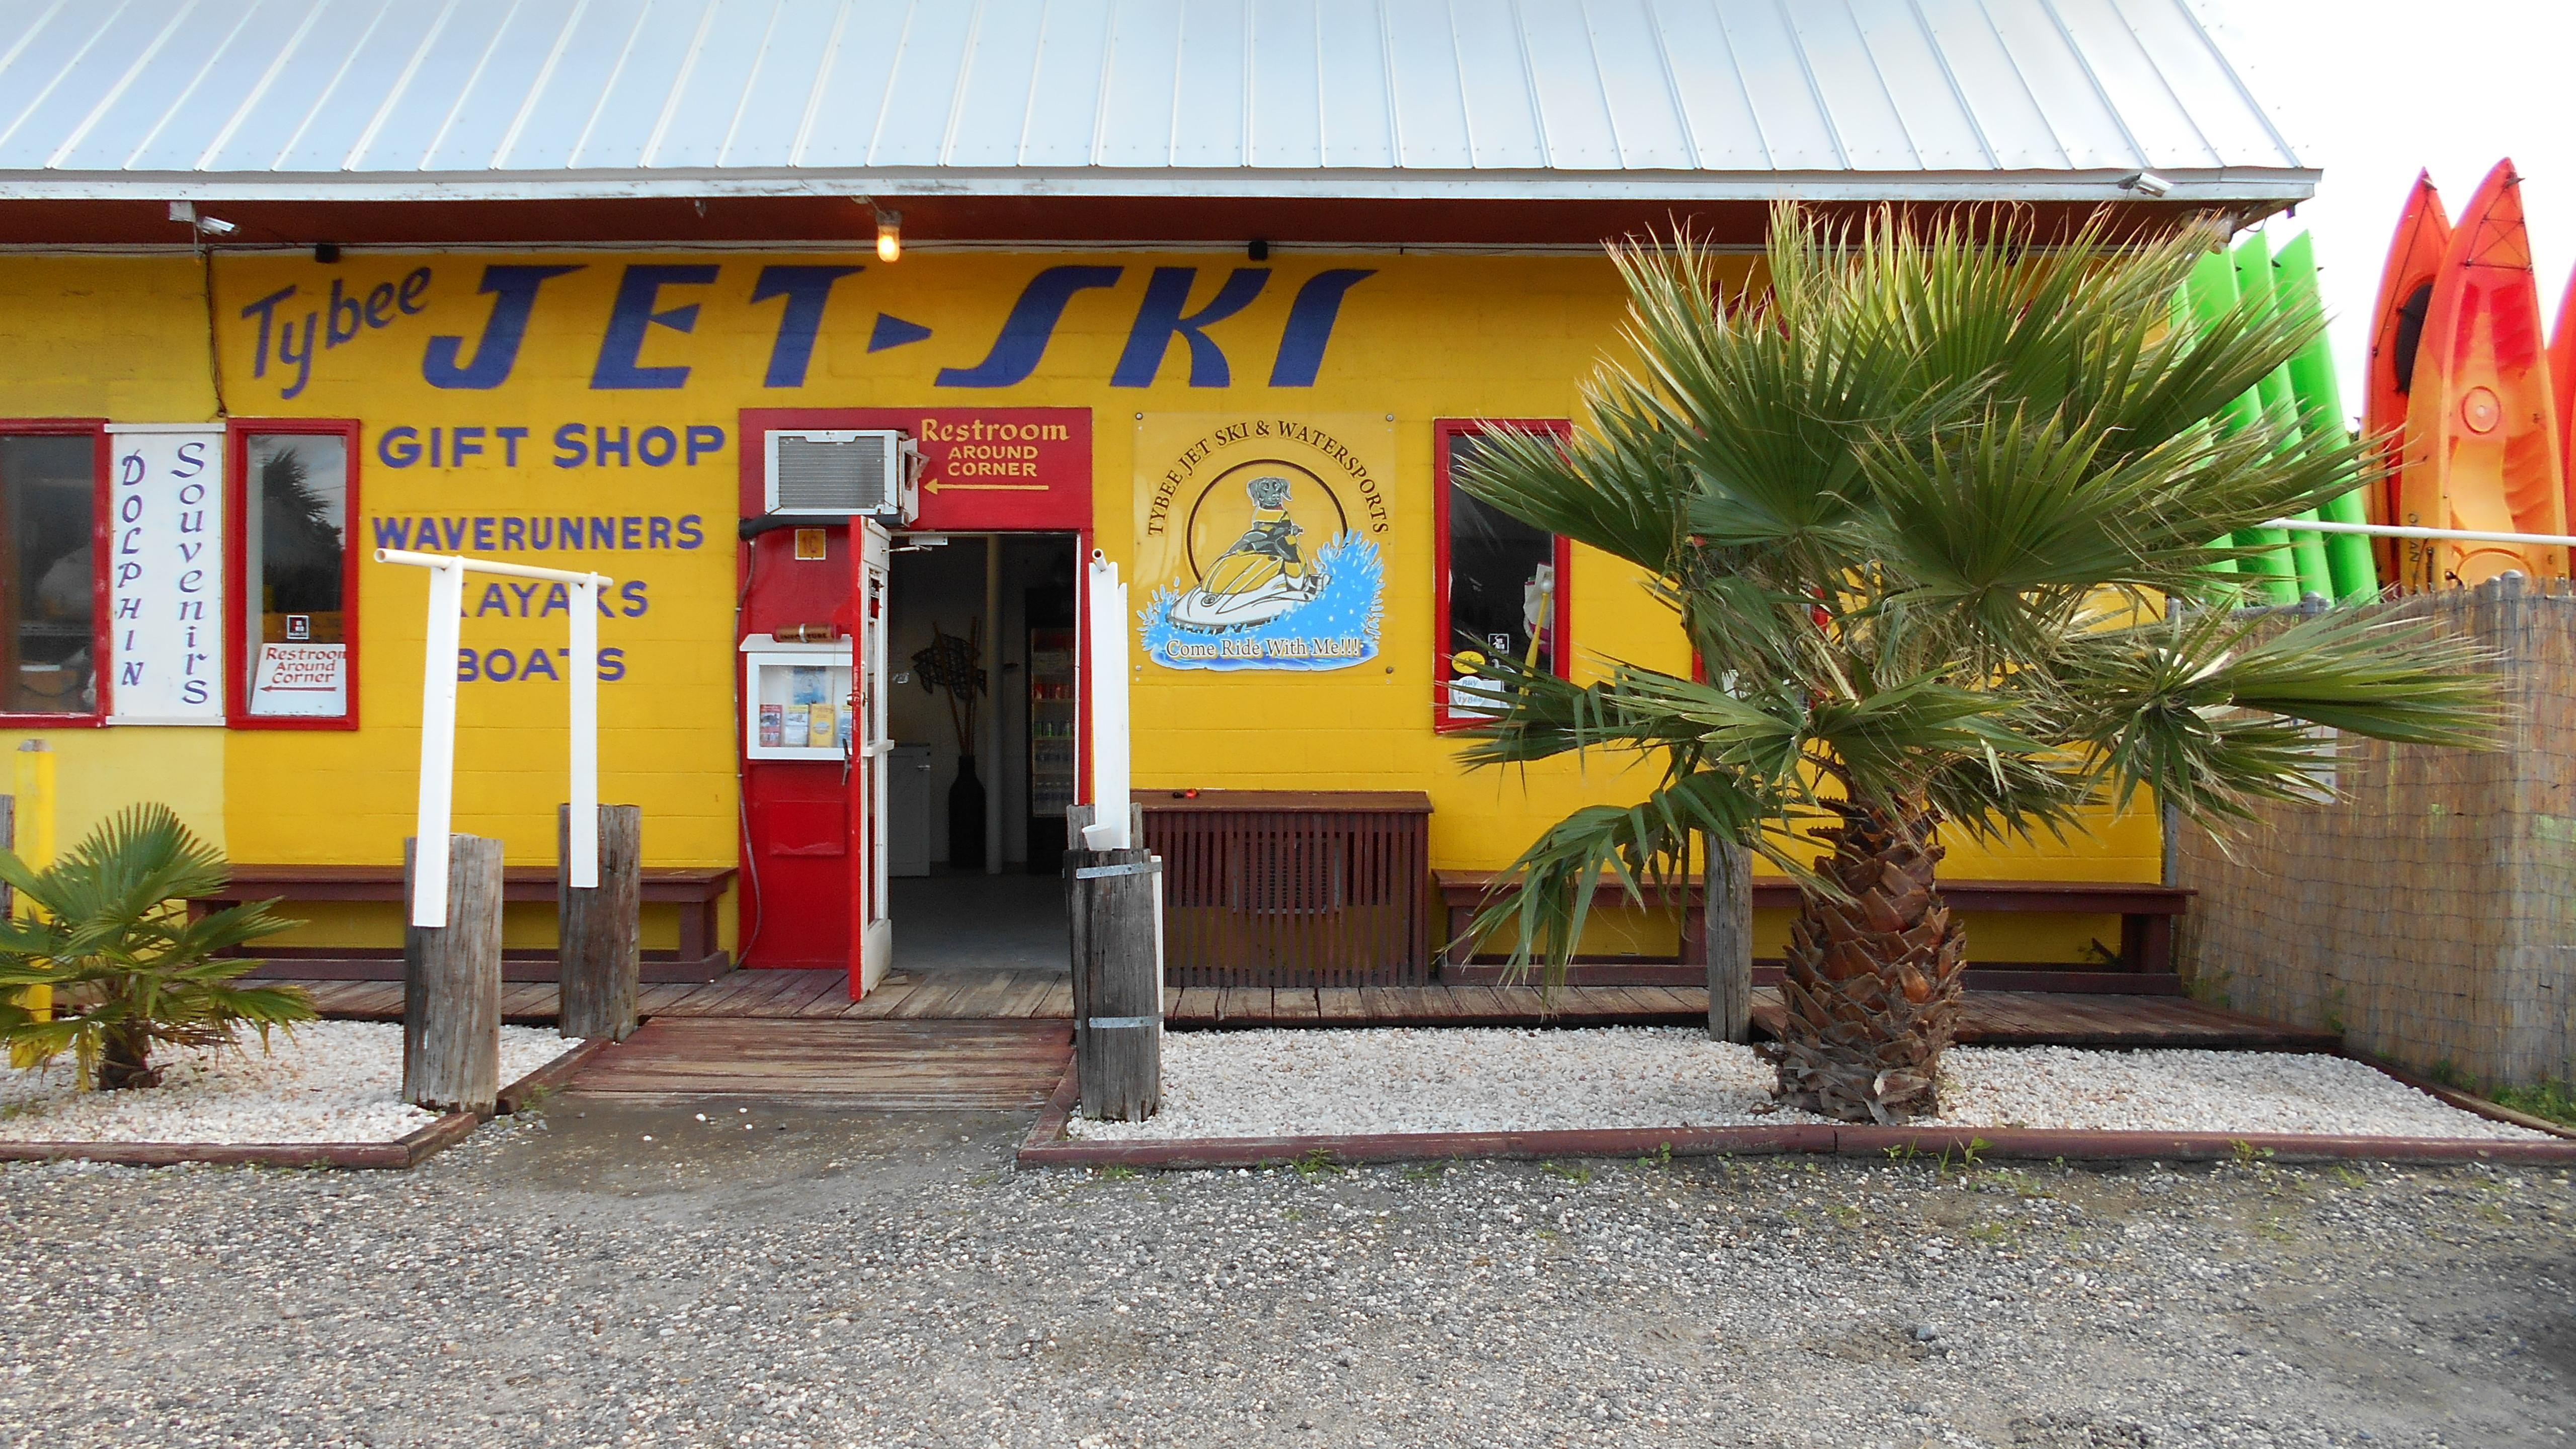 Tybee Jet Ski Watersports